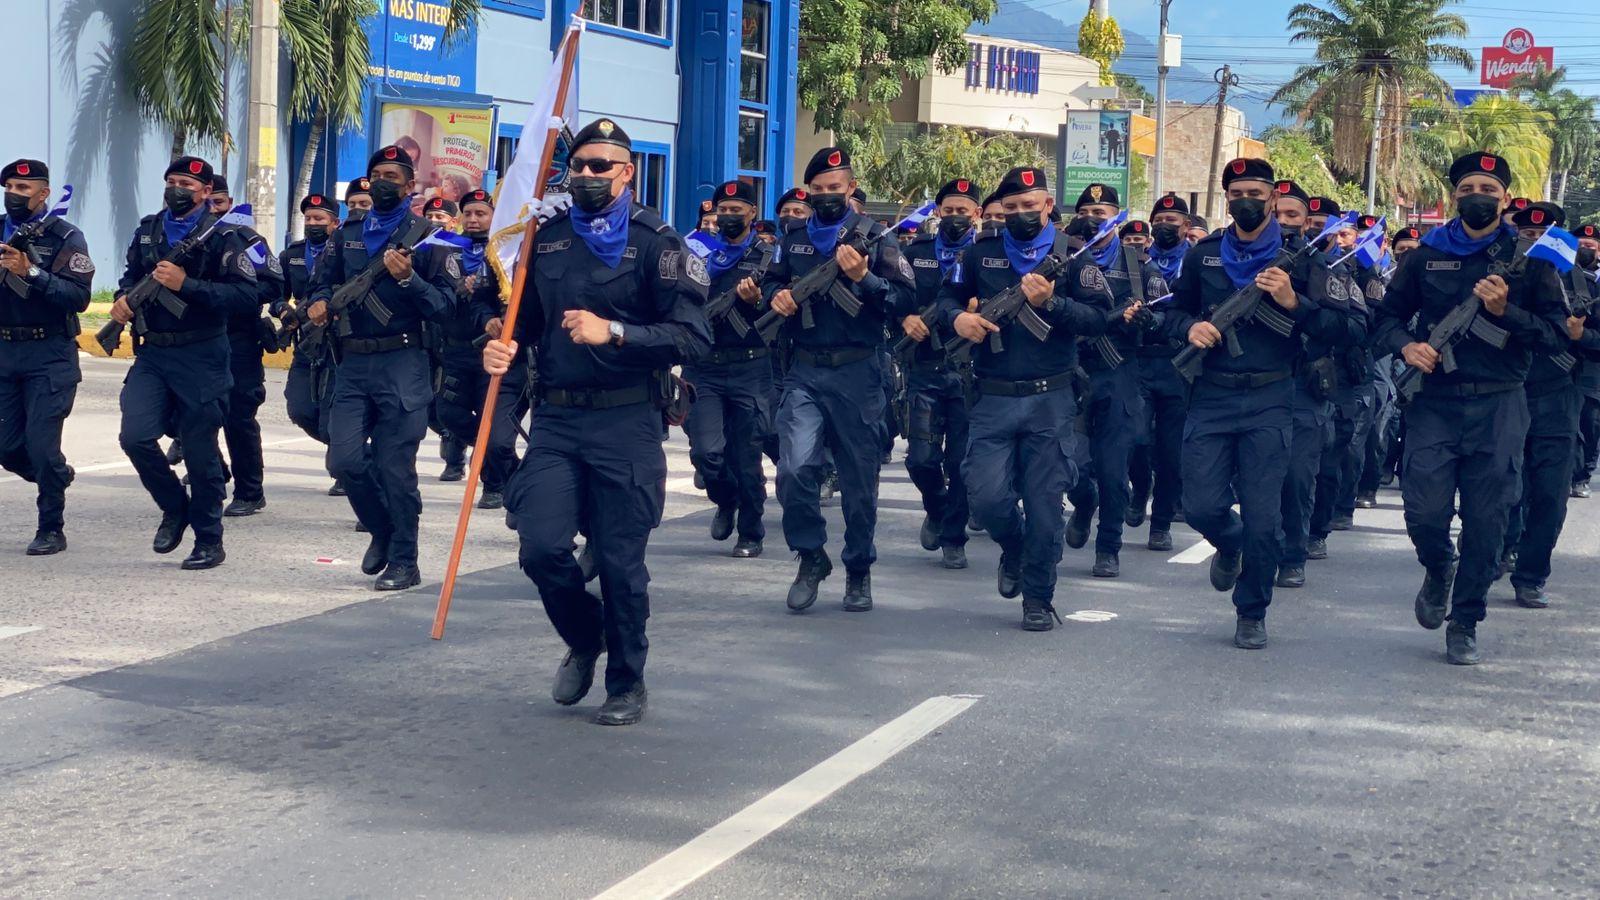 El acto conmemorativo se llevó a cabo en las principales calles de SPS. Fotografía Carlos Hernández.